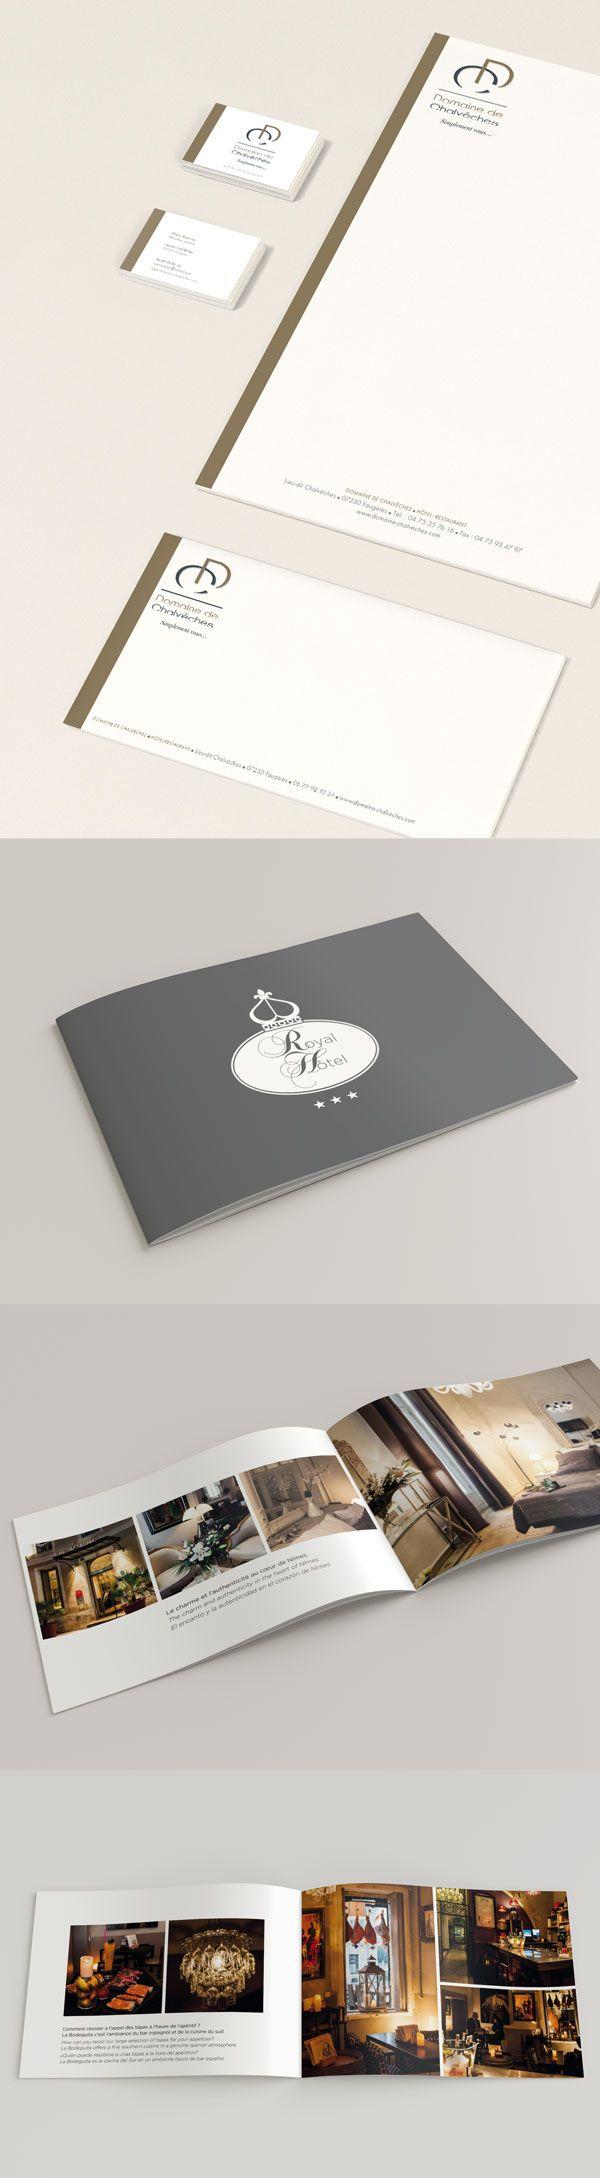 #agencerebelle - création plaquette de présentation Royal Hôtel Nimes #PrintPlaquette